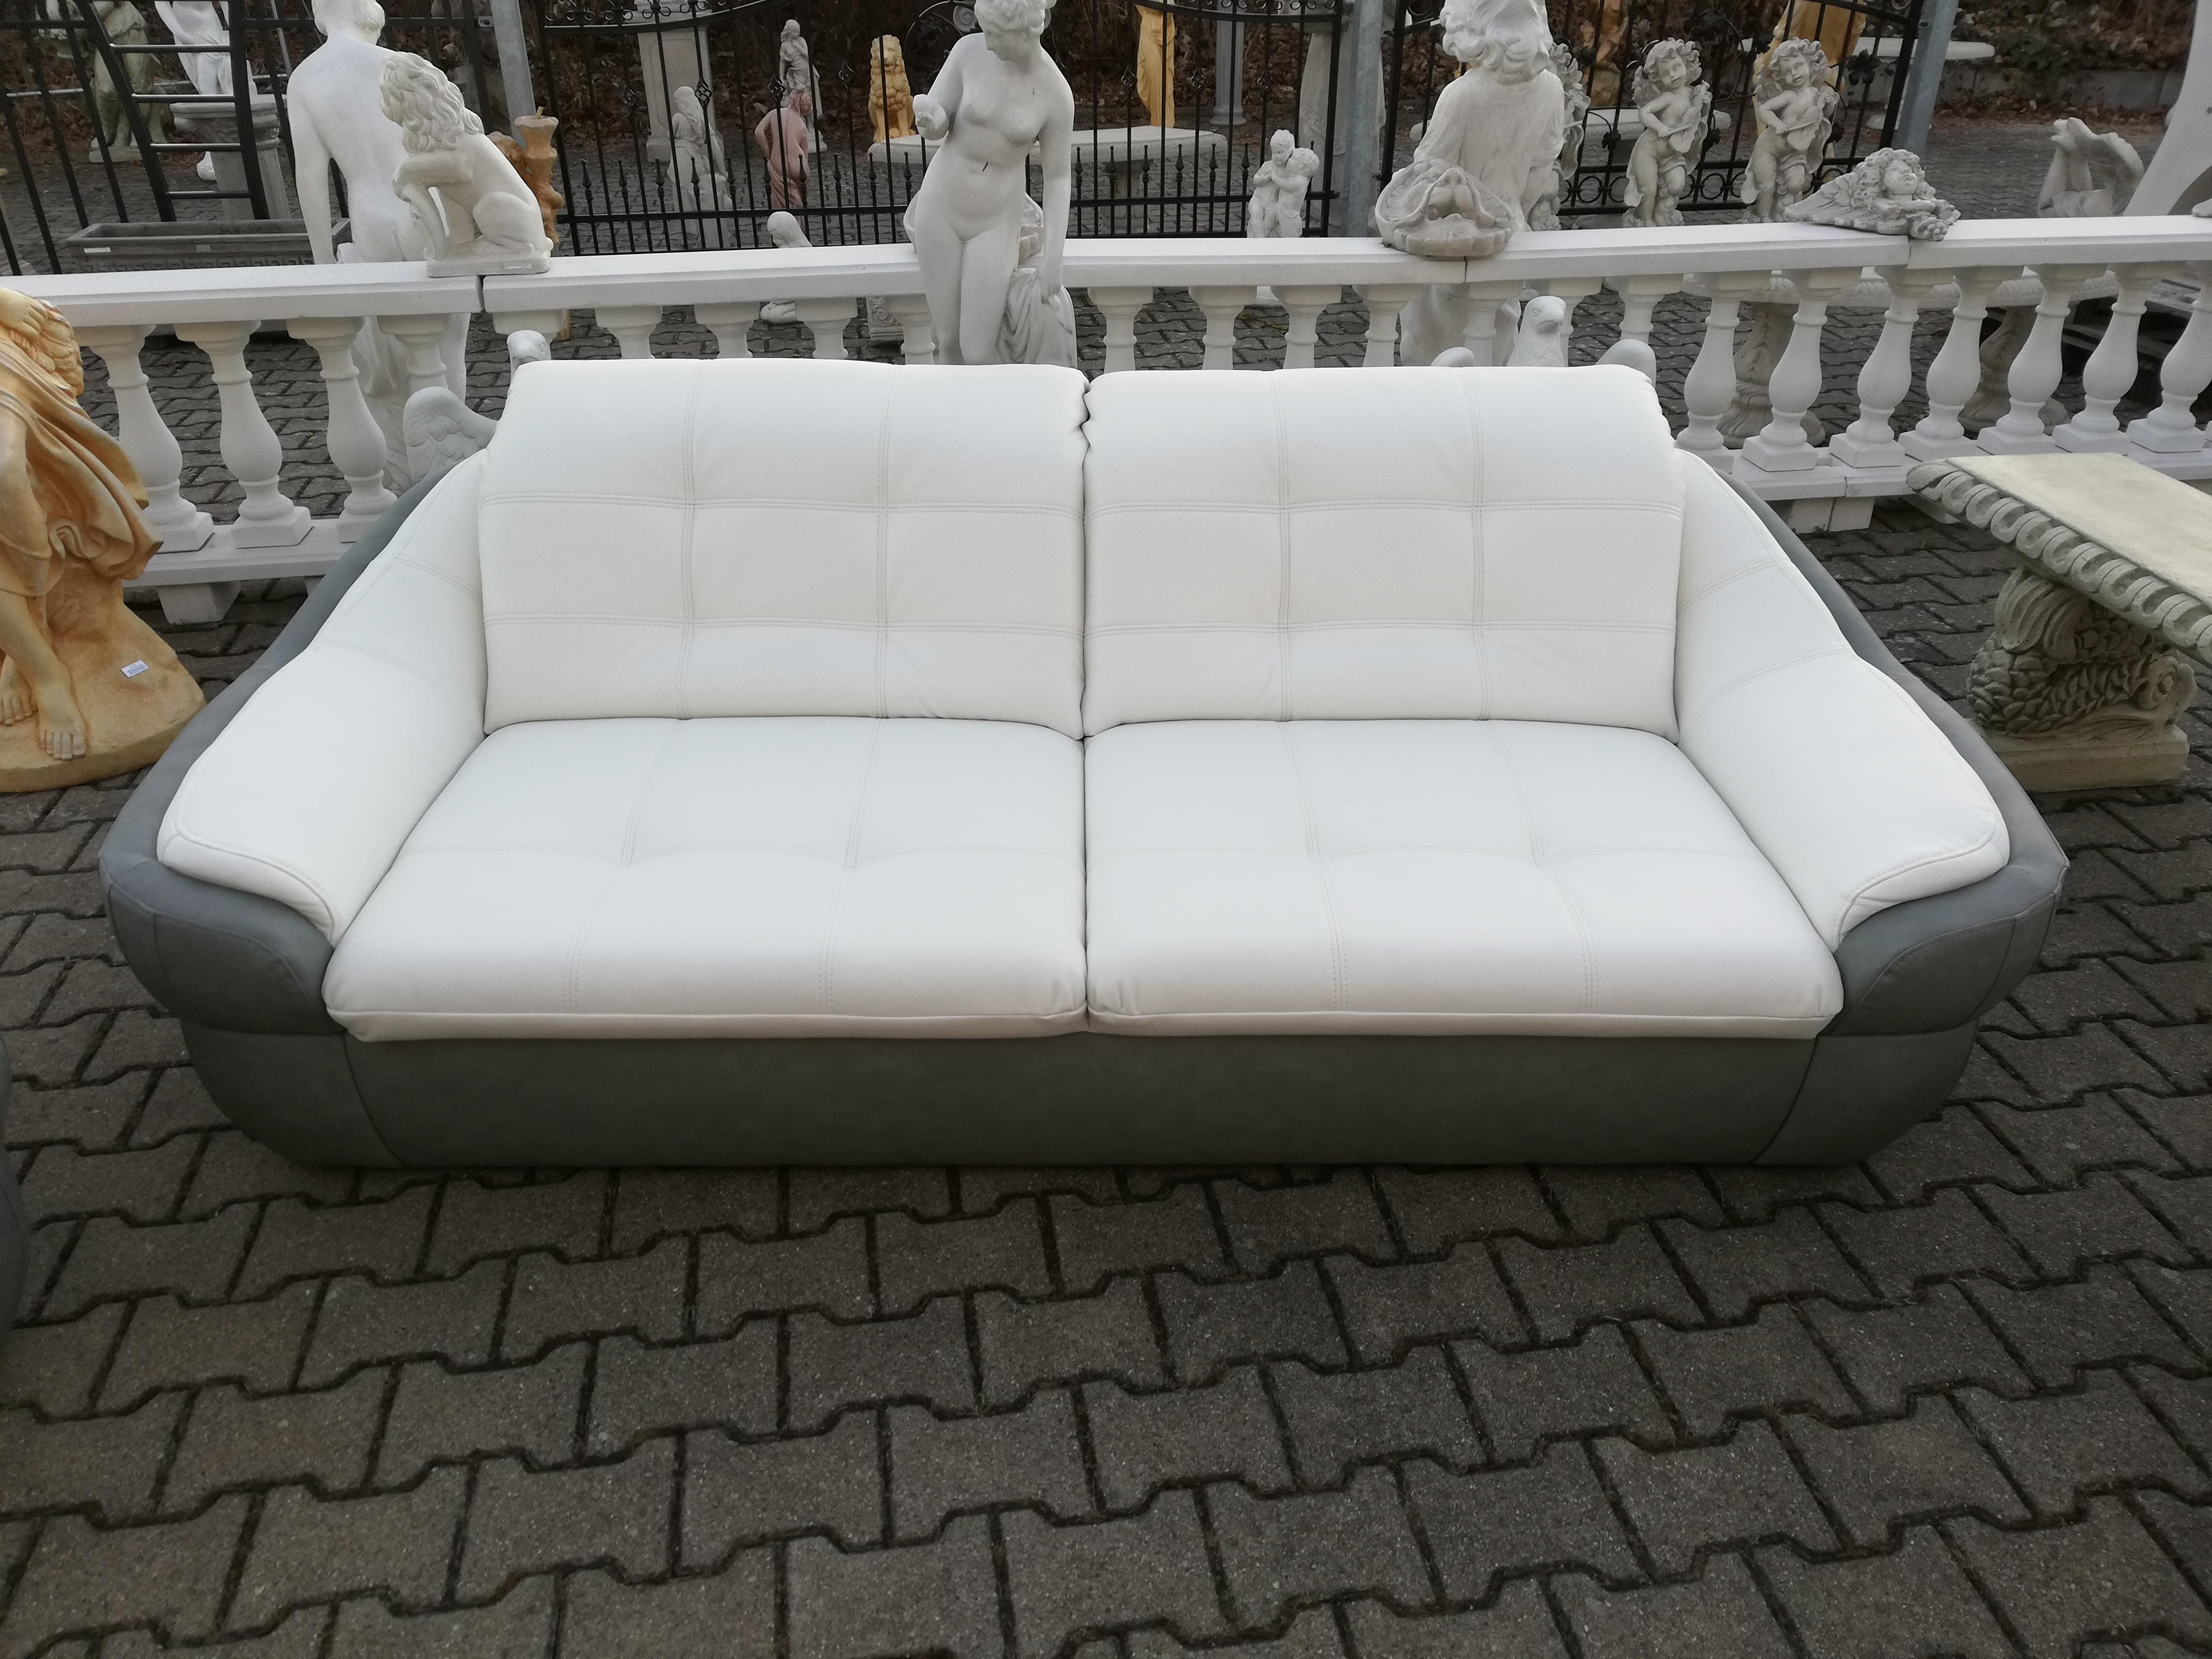 sofa 3 1 1 wohnlandschaft polsterecke couchgarnitur couch sofort lieferbar ebay